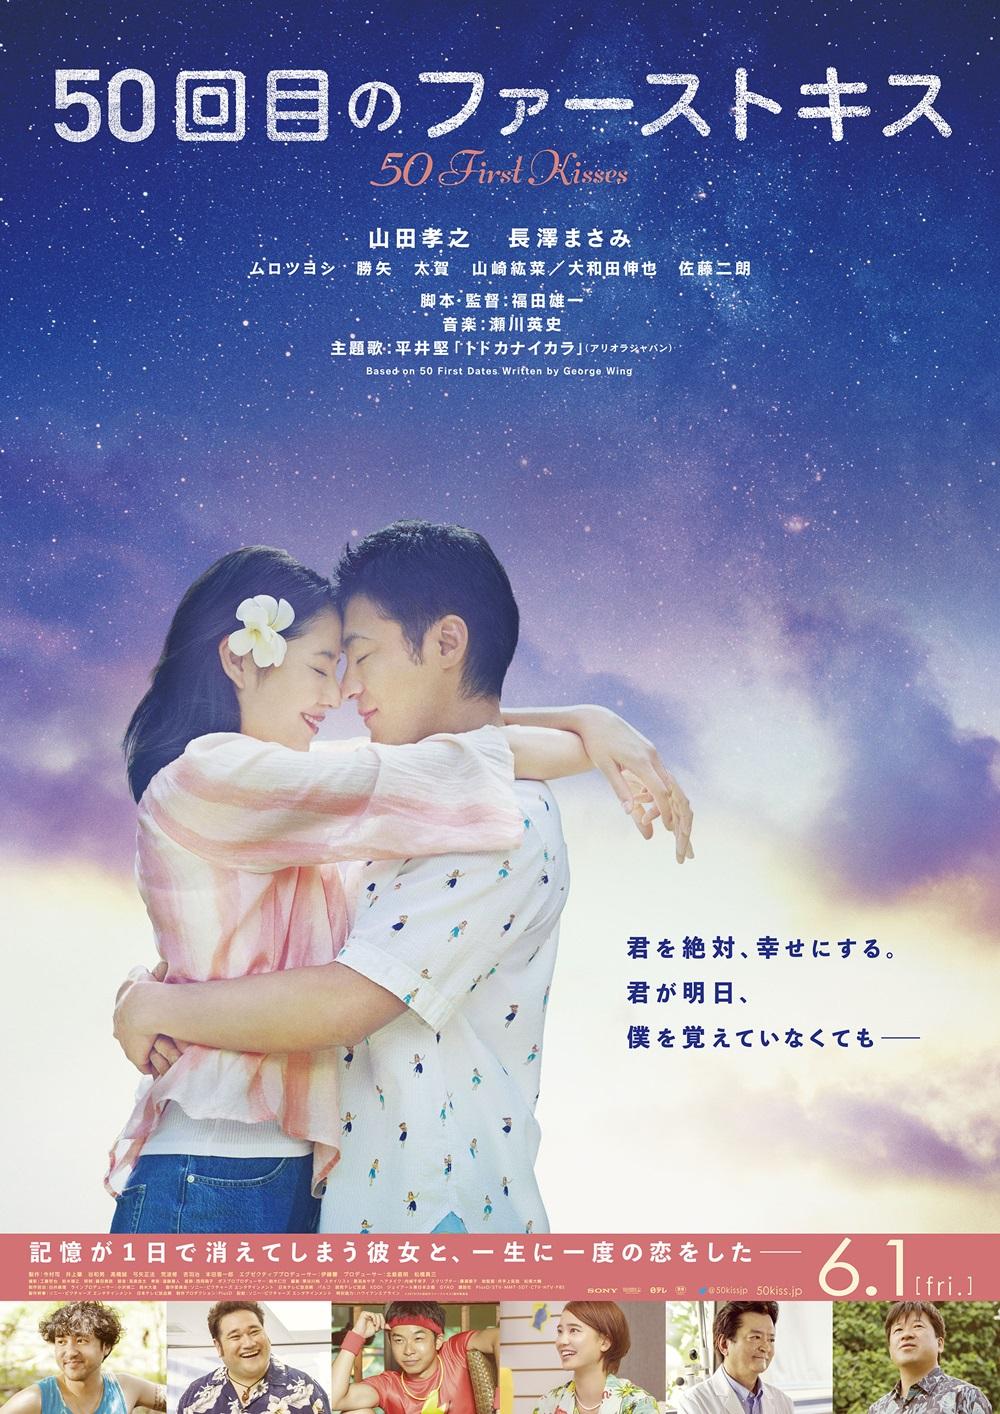 【画像】映画『50回目のファーストキス』ポスタービジュアル